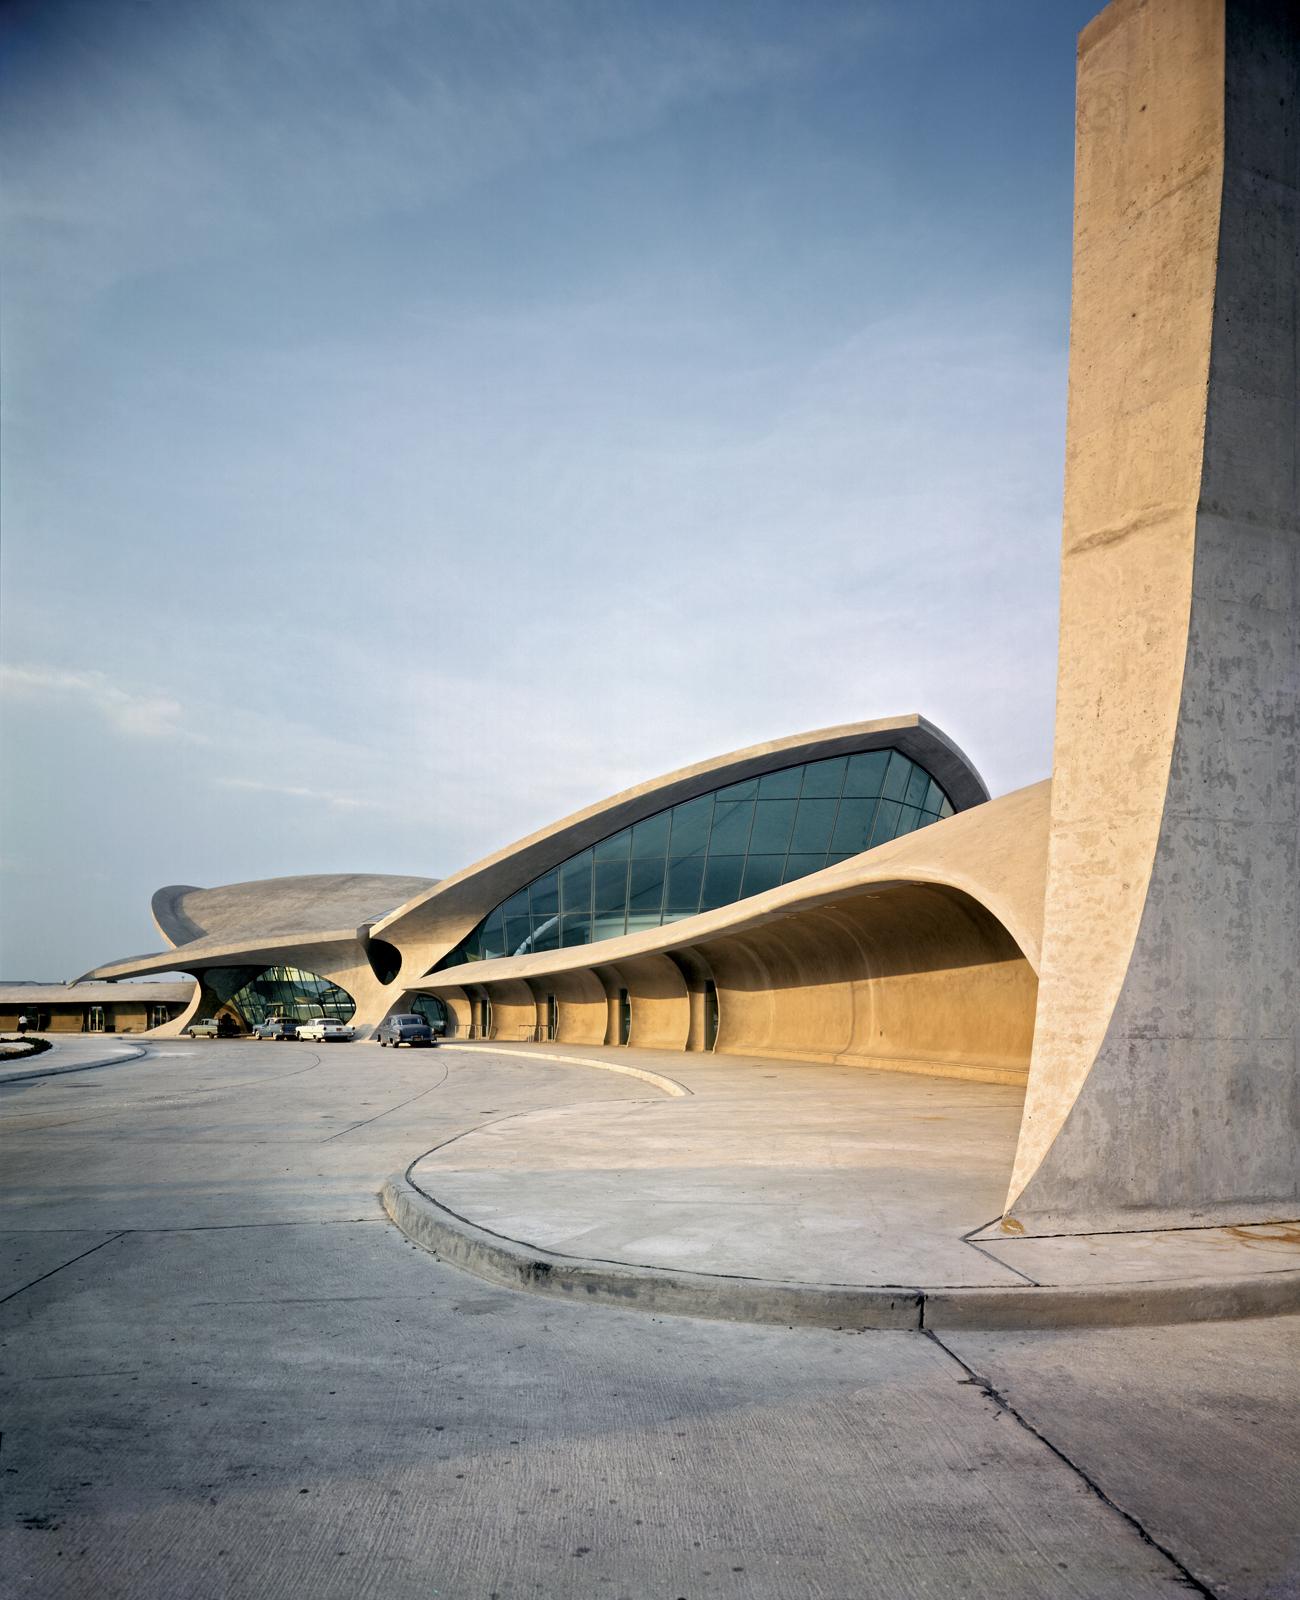 TWA Terminal, JFK Airport, New York CIty